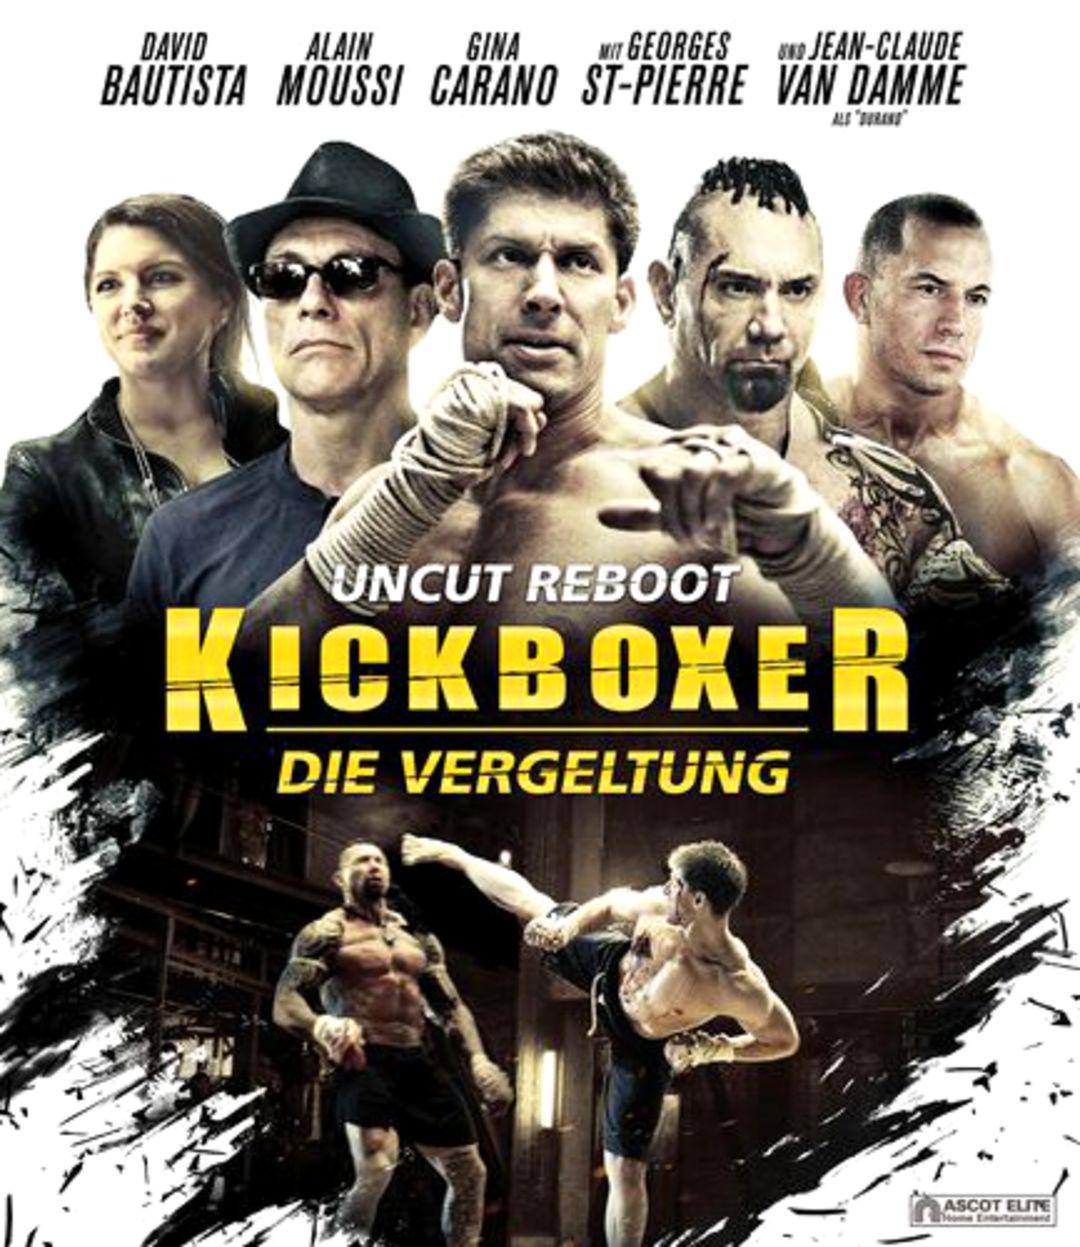 Kickboxer - Bild 5 von 8